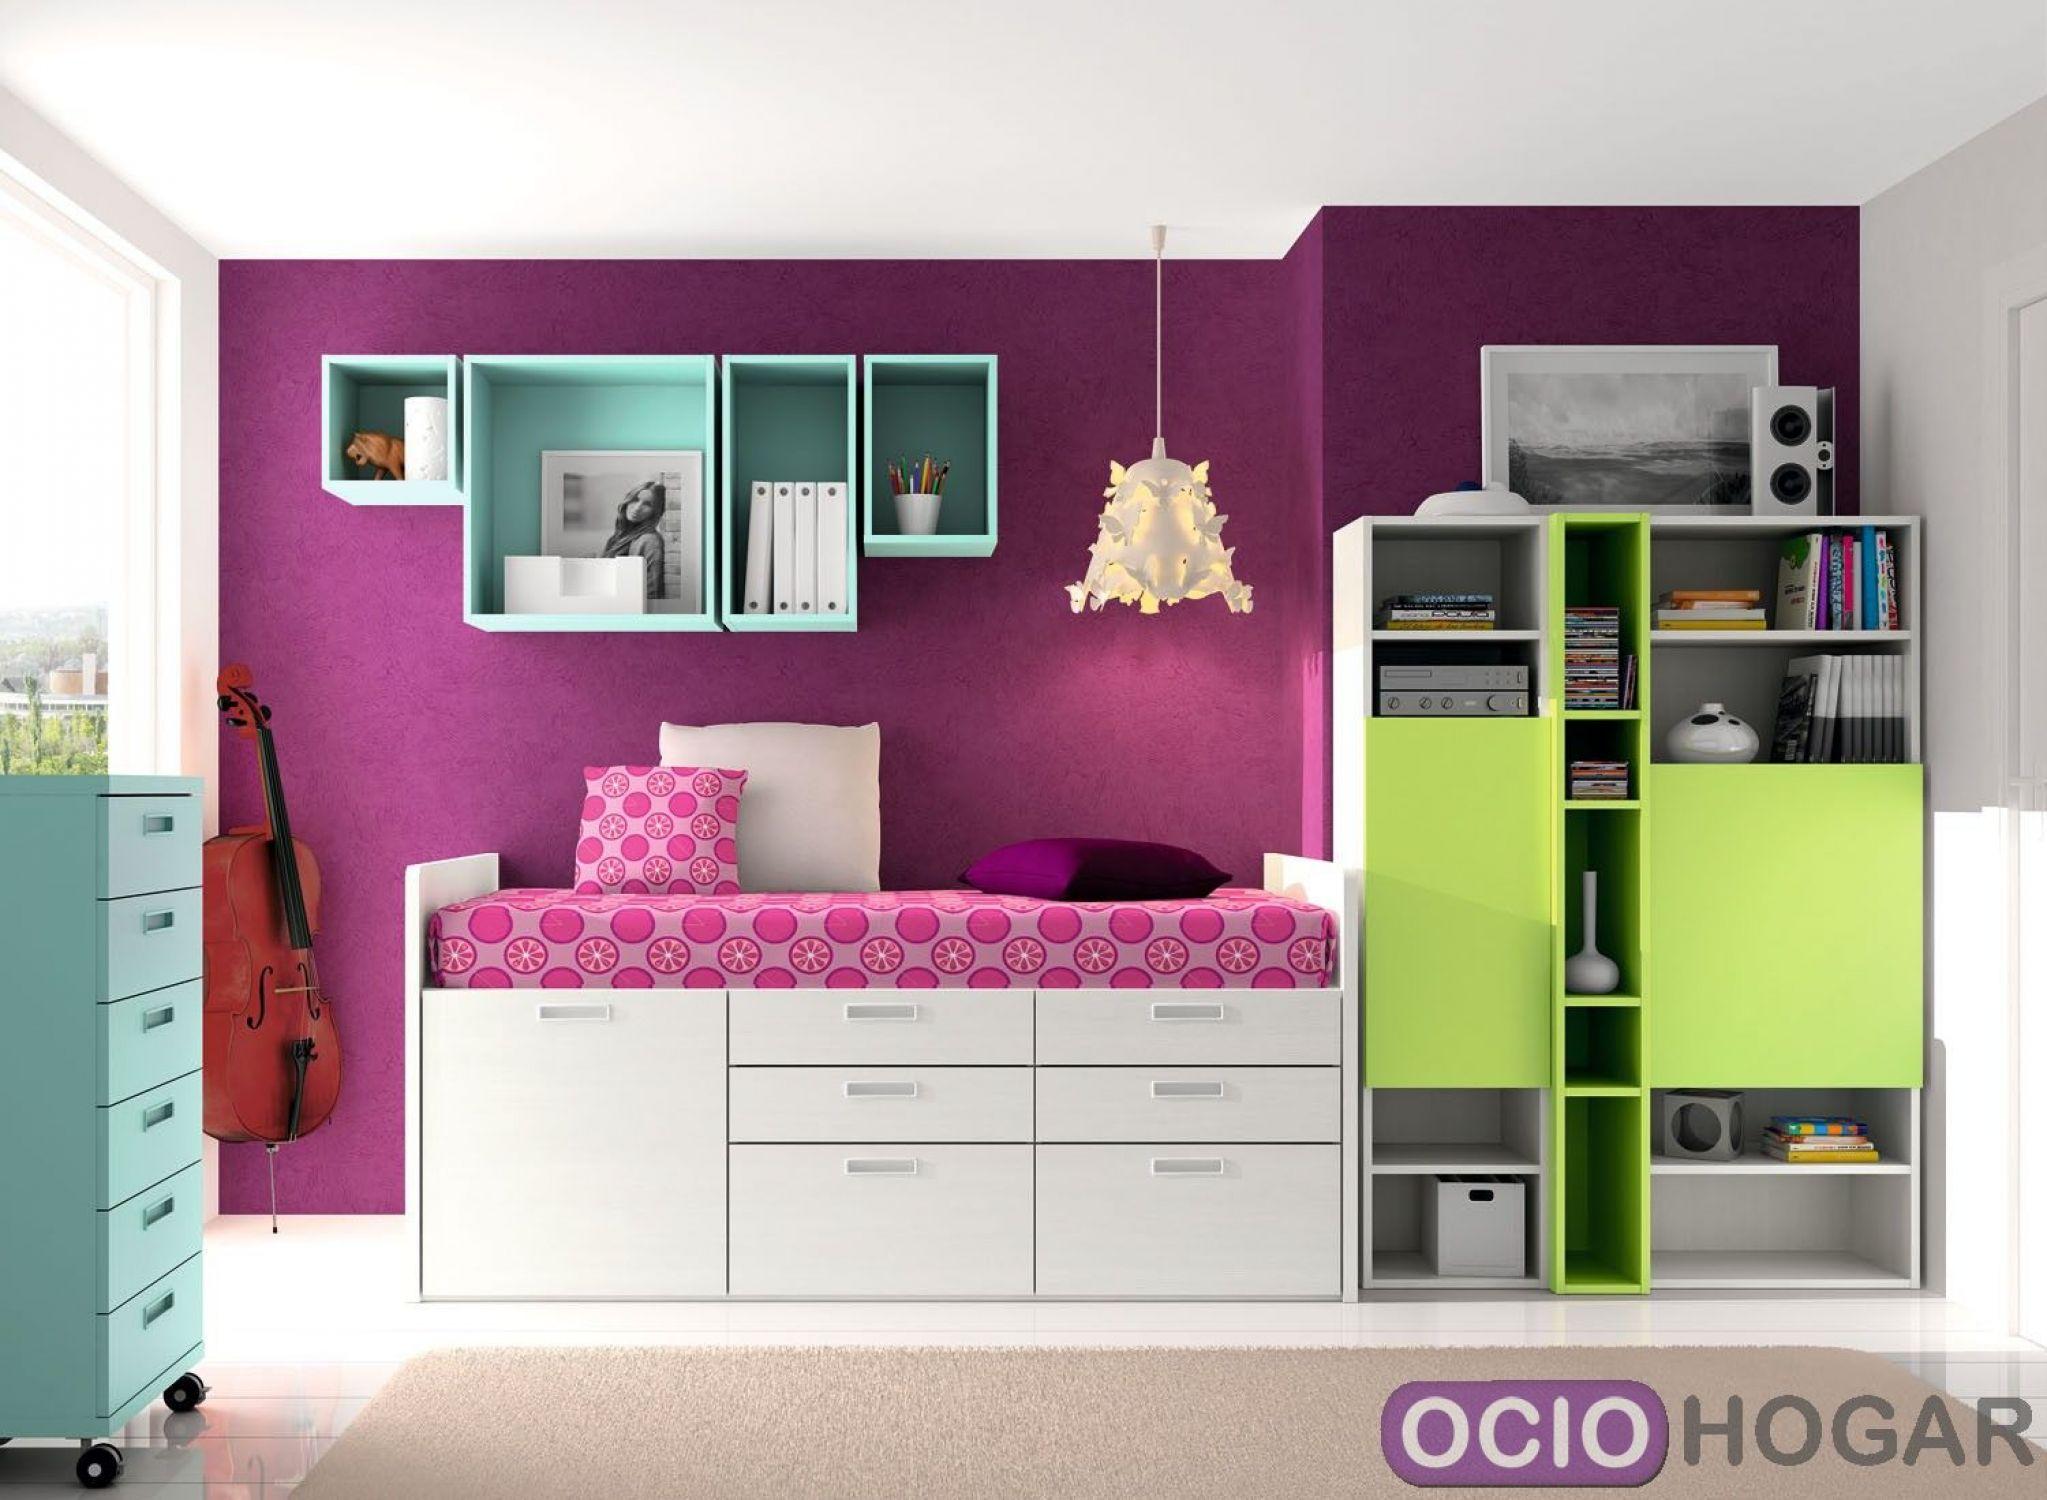 Dormitorio juvenil spacios de dissery muebles modernos for Muebles dormitorio juvenil